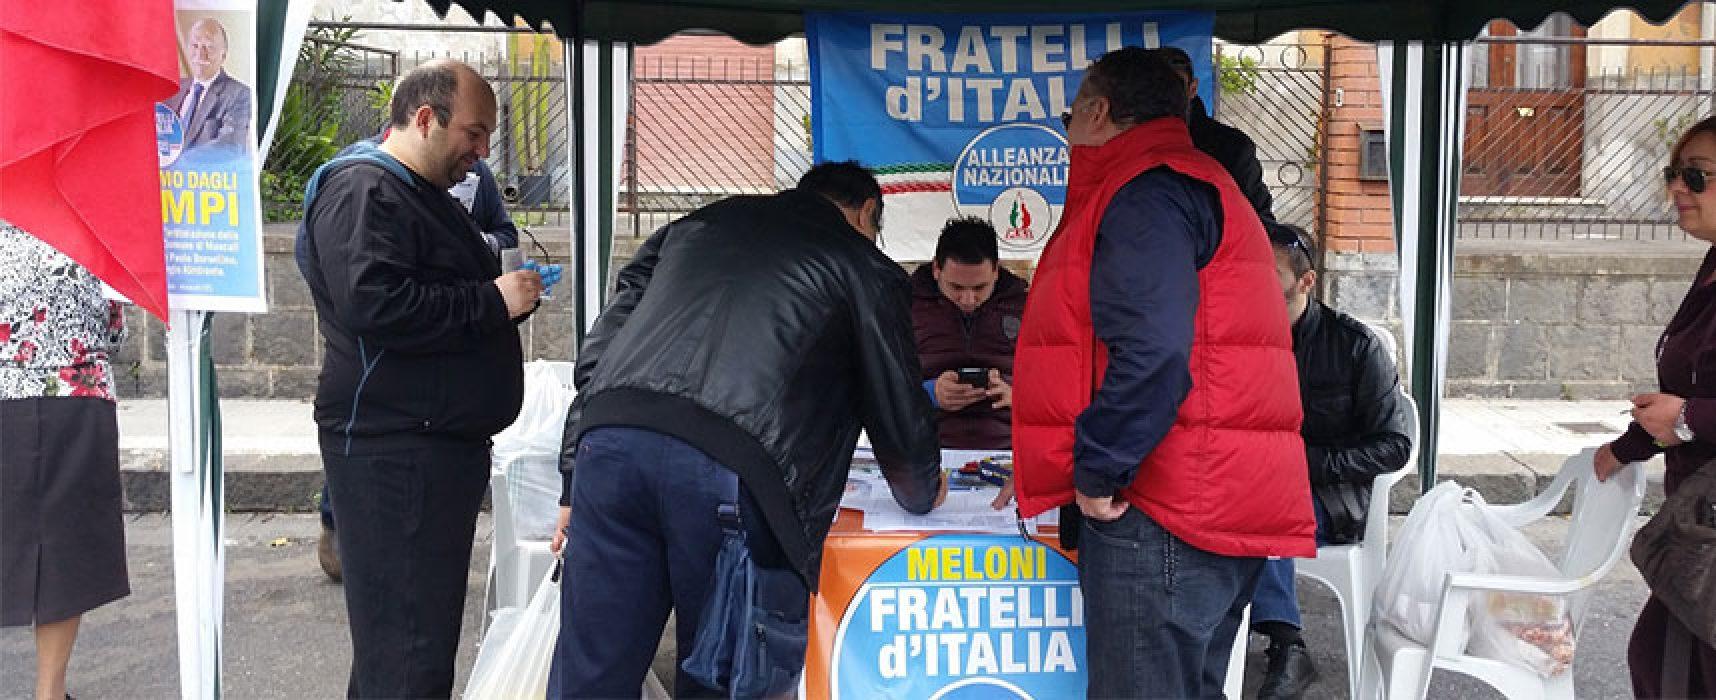 Campagna raccolta firme della sezione biscegliese Fratelli d'Italia su proposte Giorgia Meloni